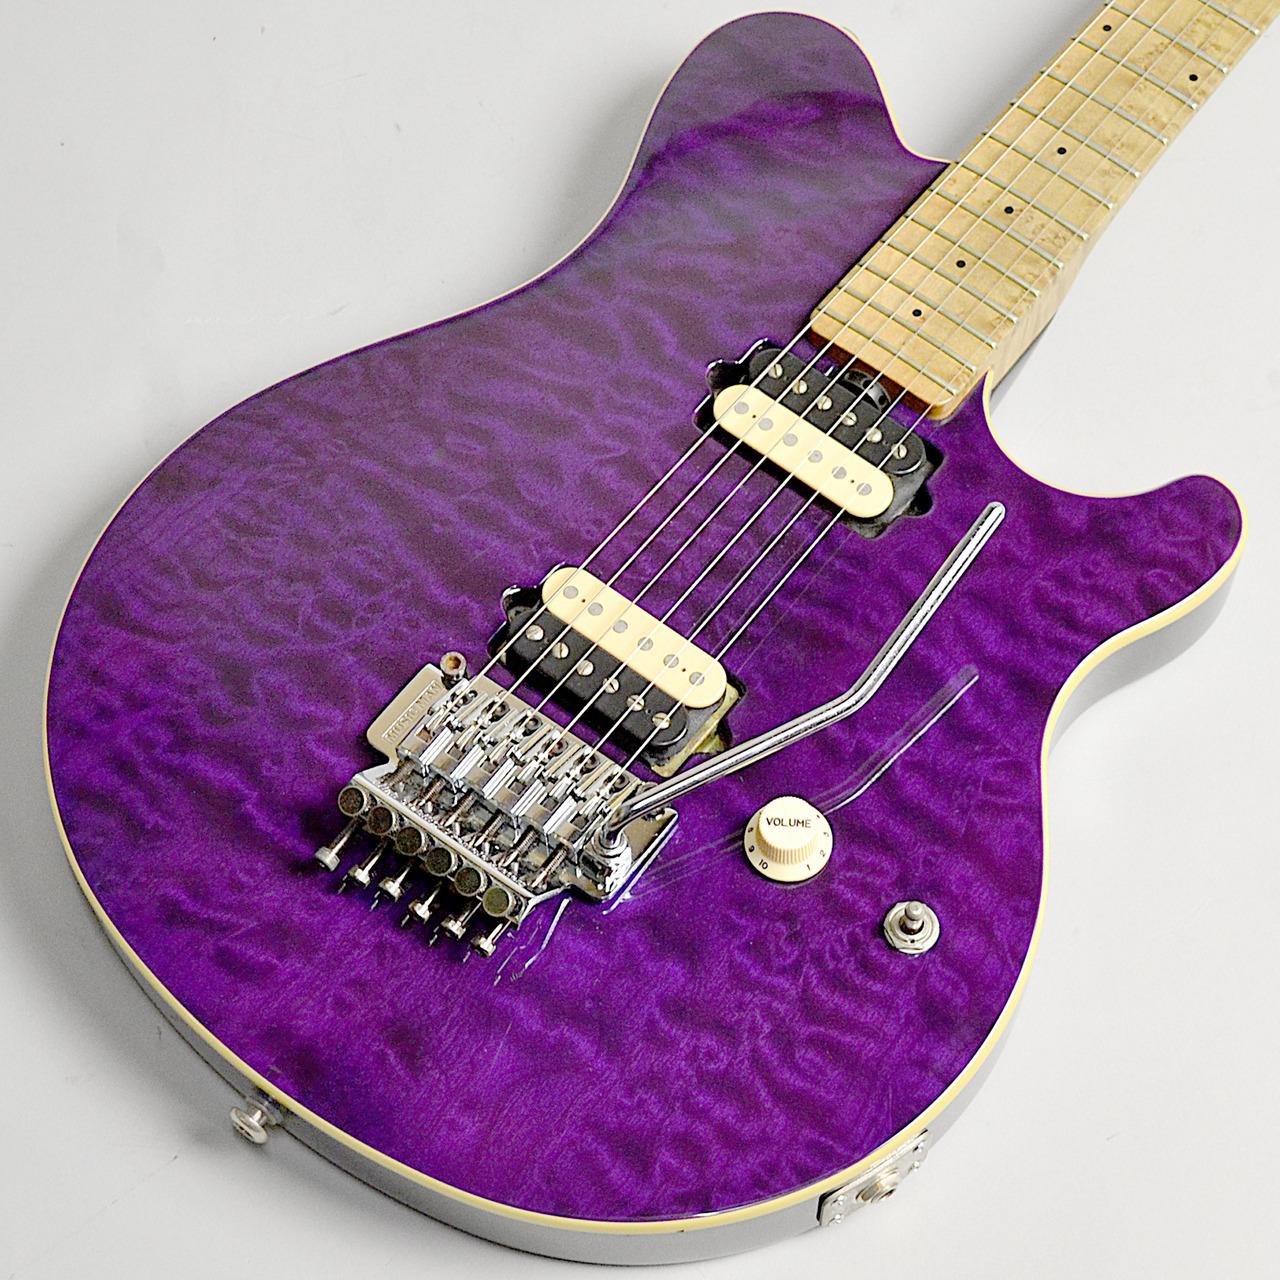 AXIS Translucent Purpleのボディトップ-アップ画像